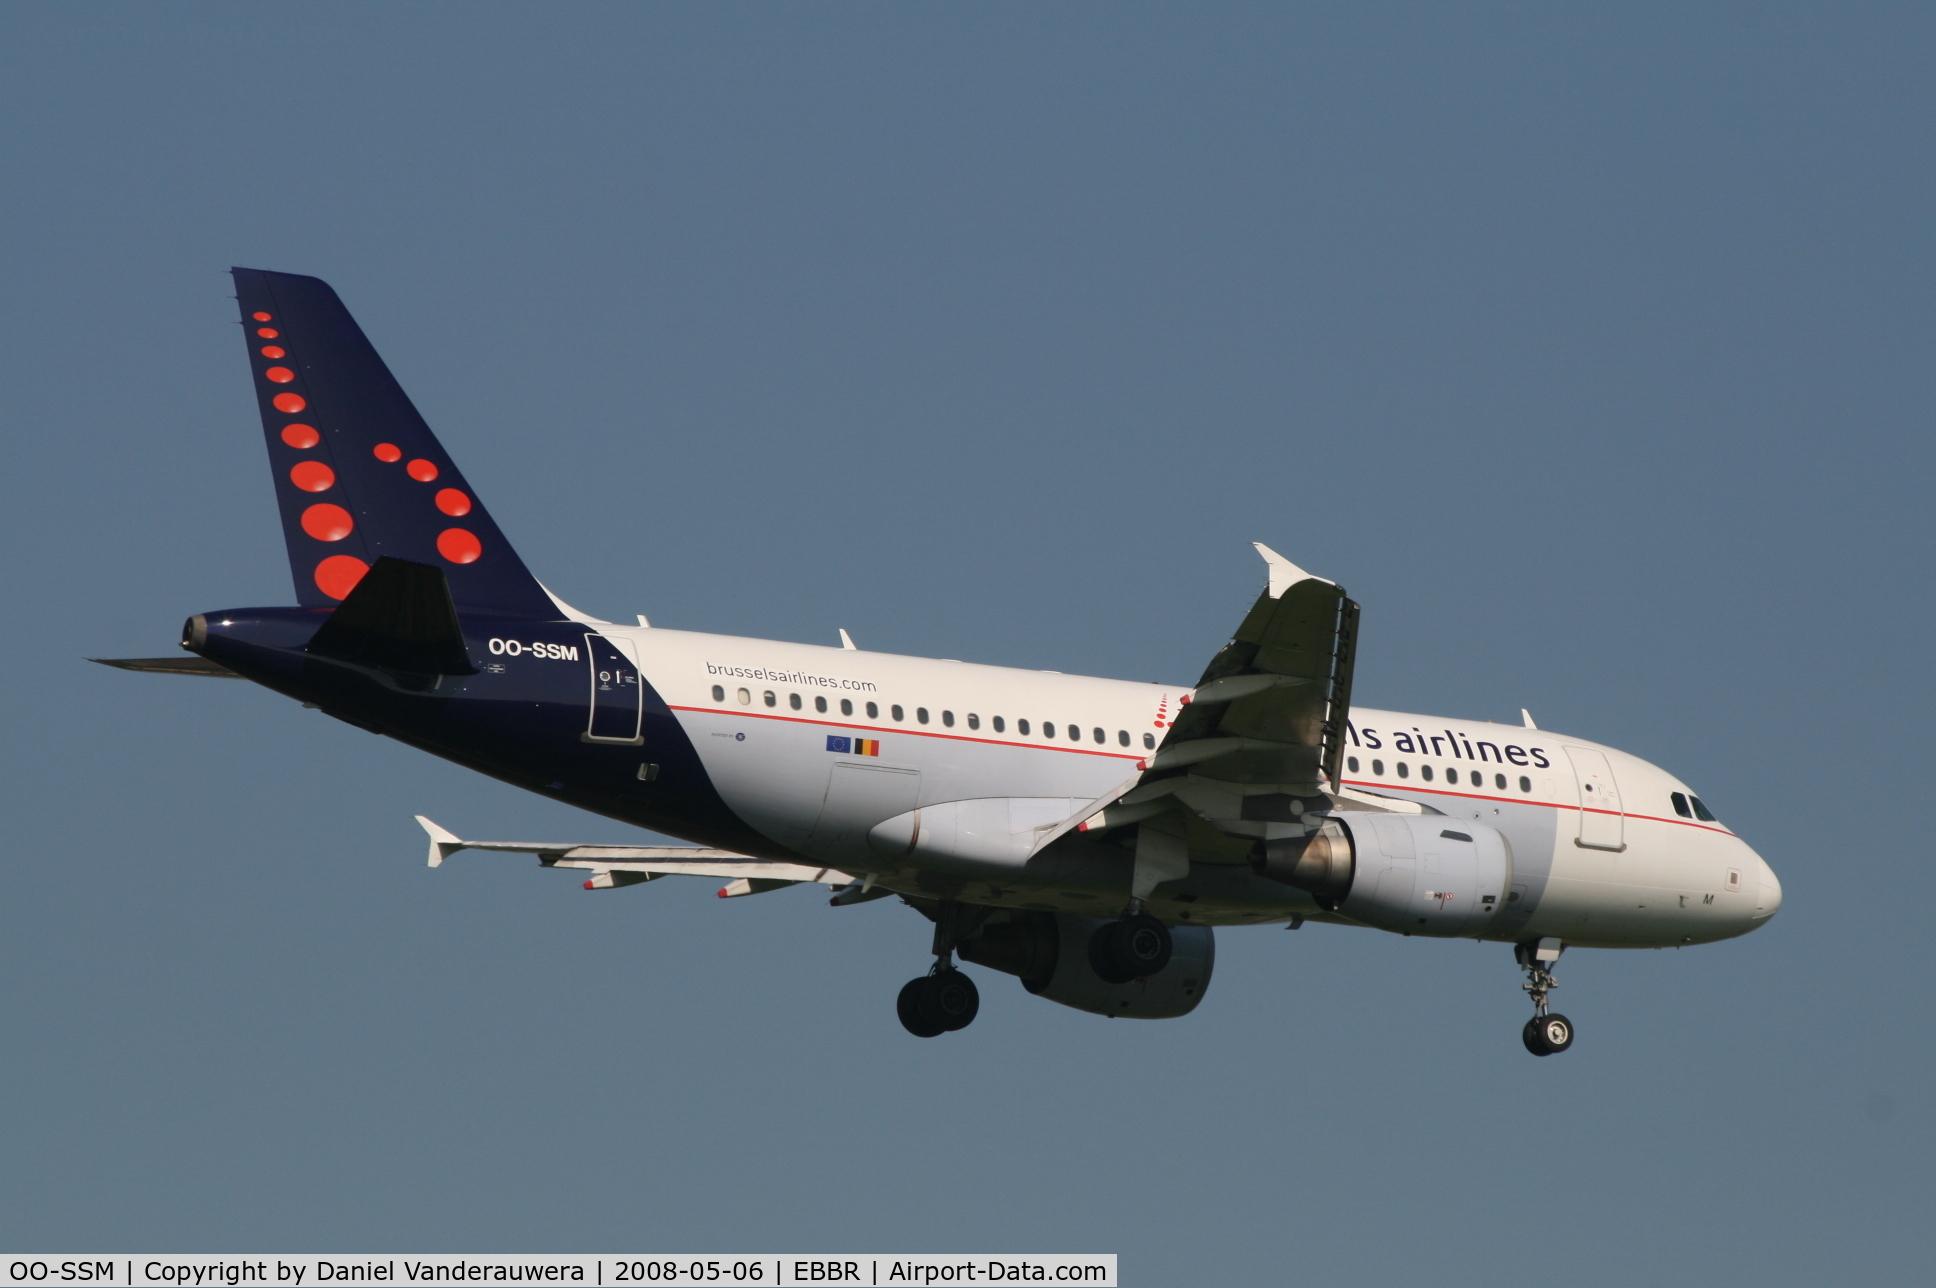 OO-SSM, 2000 Airbus A319-112 C/N 1388, flight SN3154 is descending to rwy 02